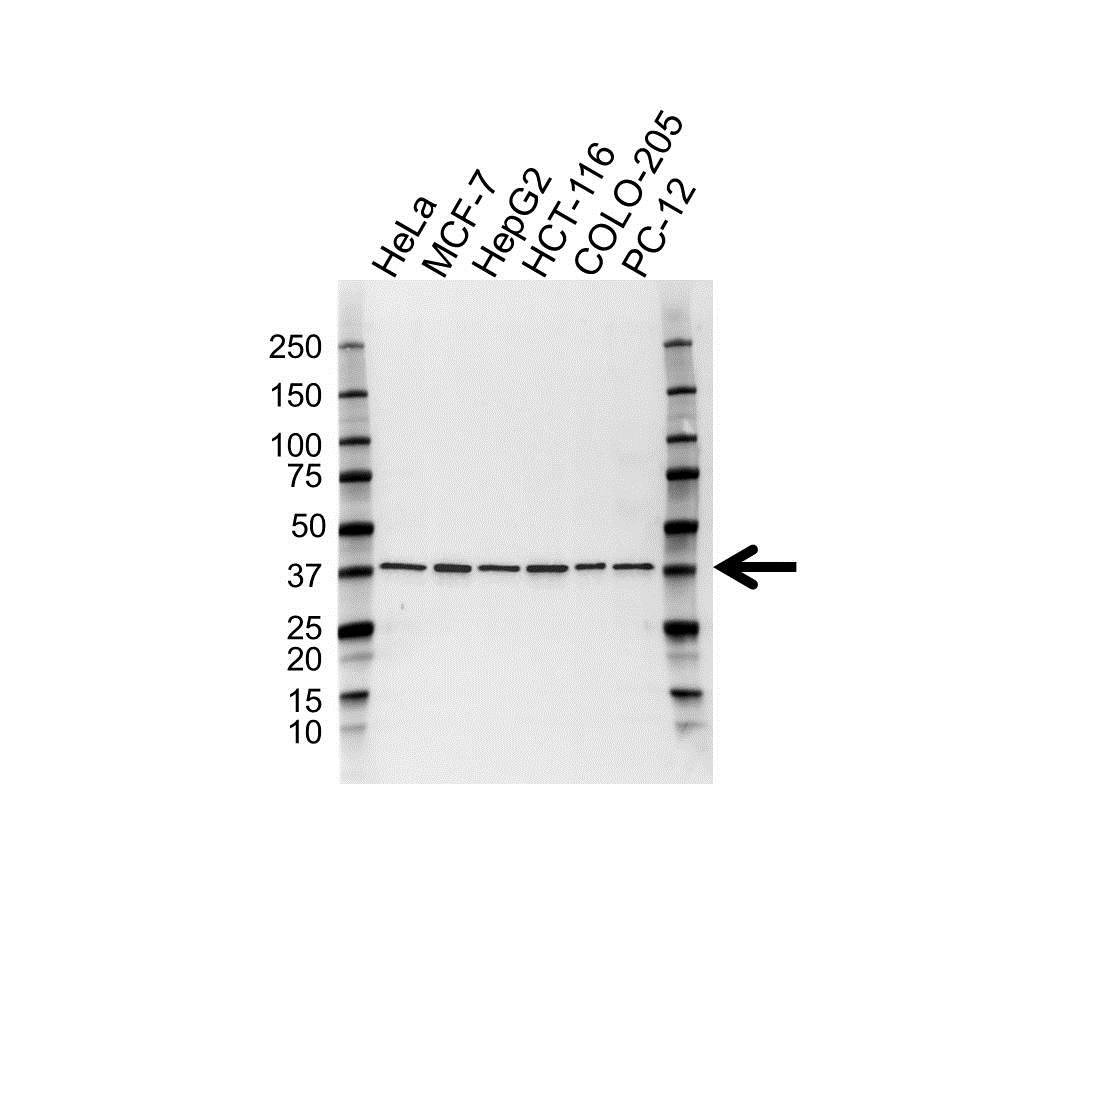 Anti ERCC1 Antibody, clone OTI1H1 (PrecisionAb Monoclonal Antibody) gallery image 1